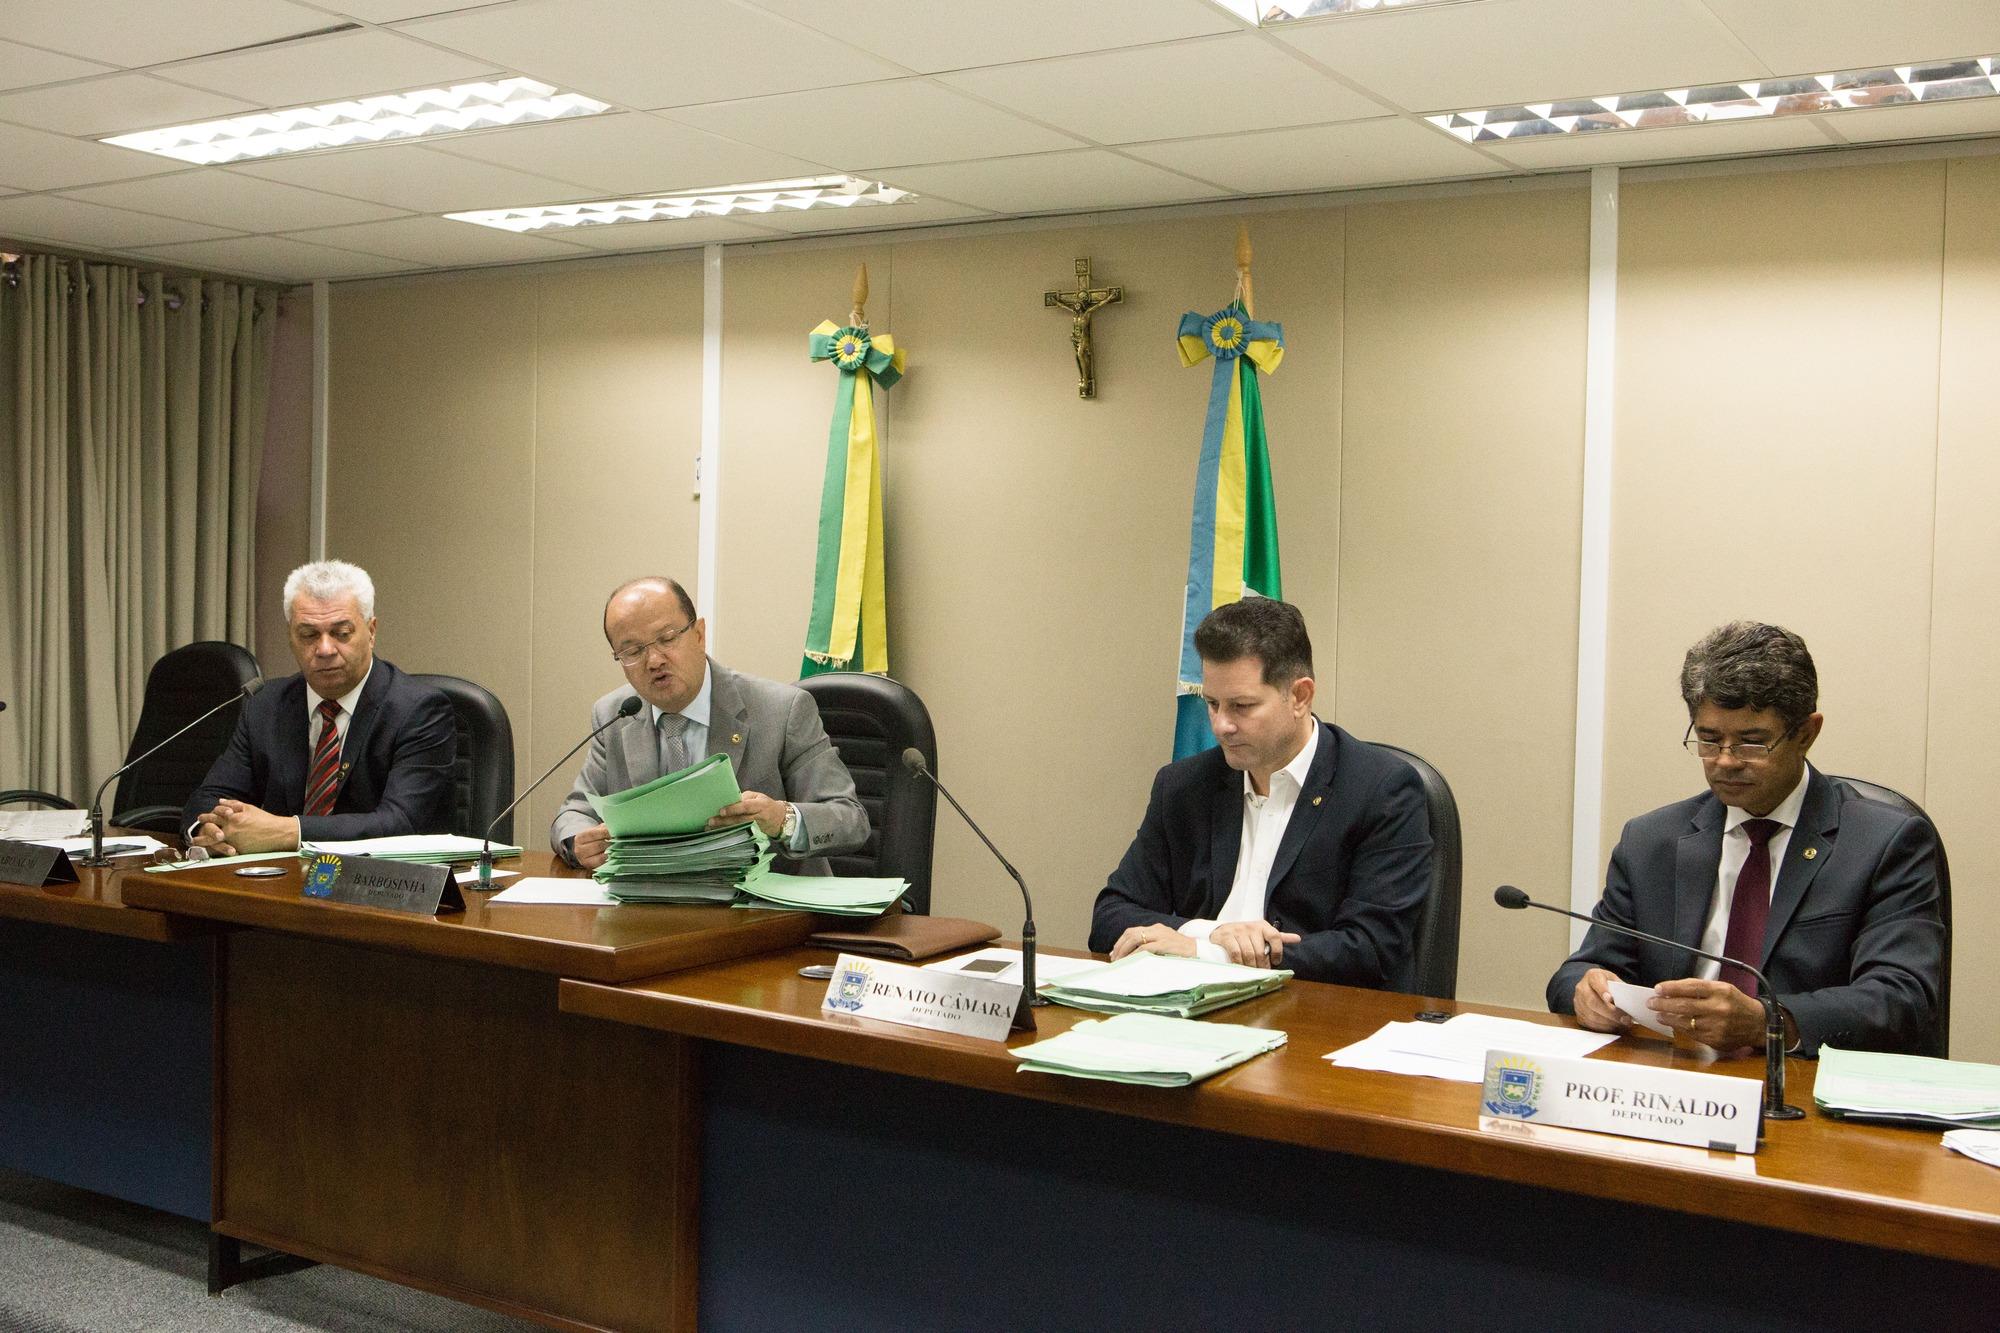 CCJR emite pareceres favoráveis a seis projetos e um pela manutenção de veto. Fotos: João Garrigó